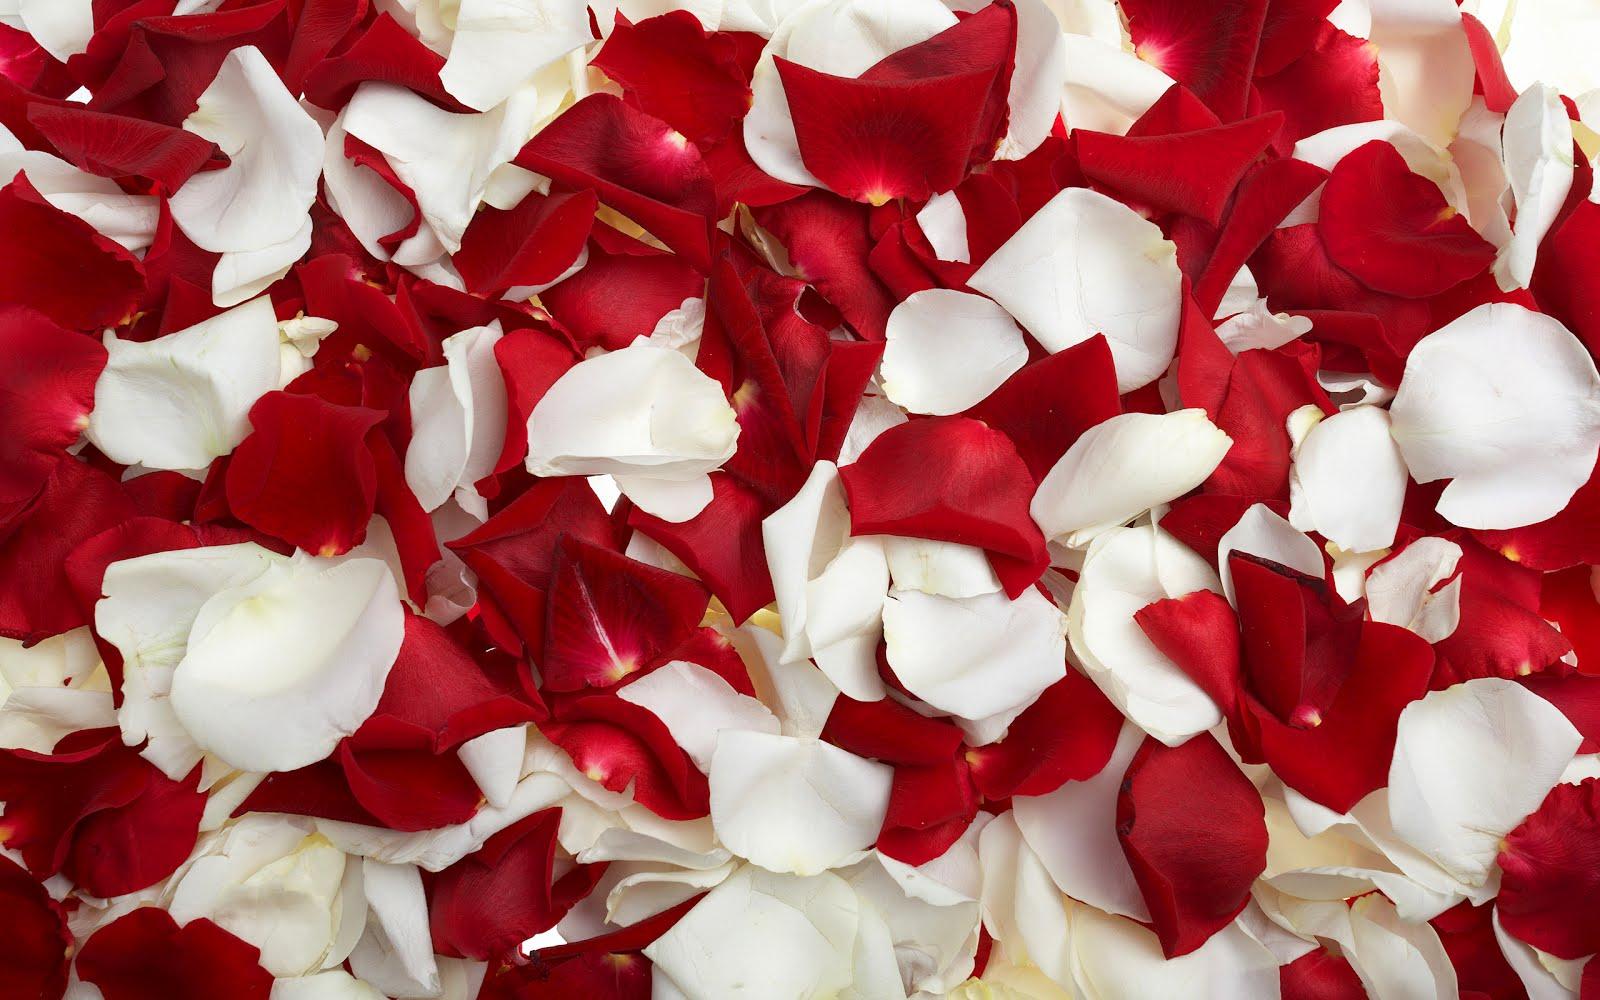 Imagens De Flores Vermelhas Para Facebook - Papel de Parede Coração de Rosas Vermelhas